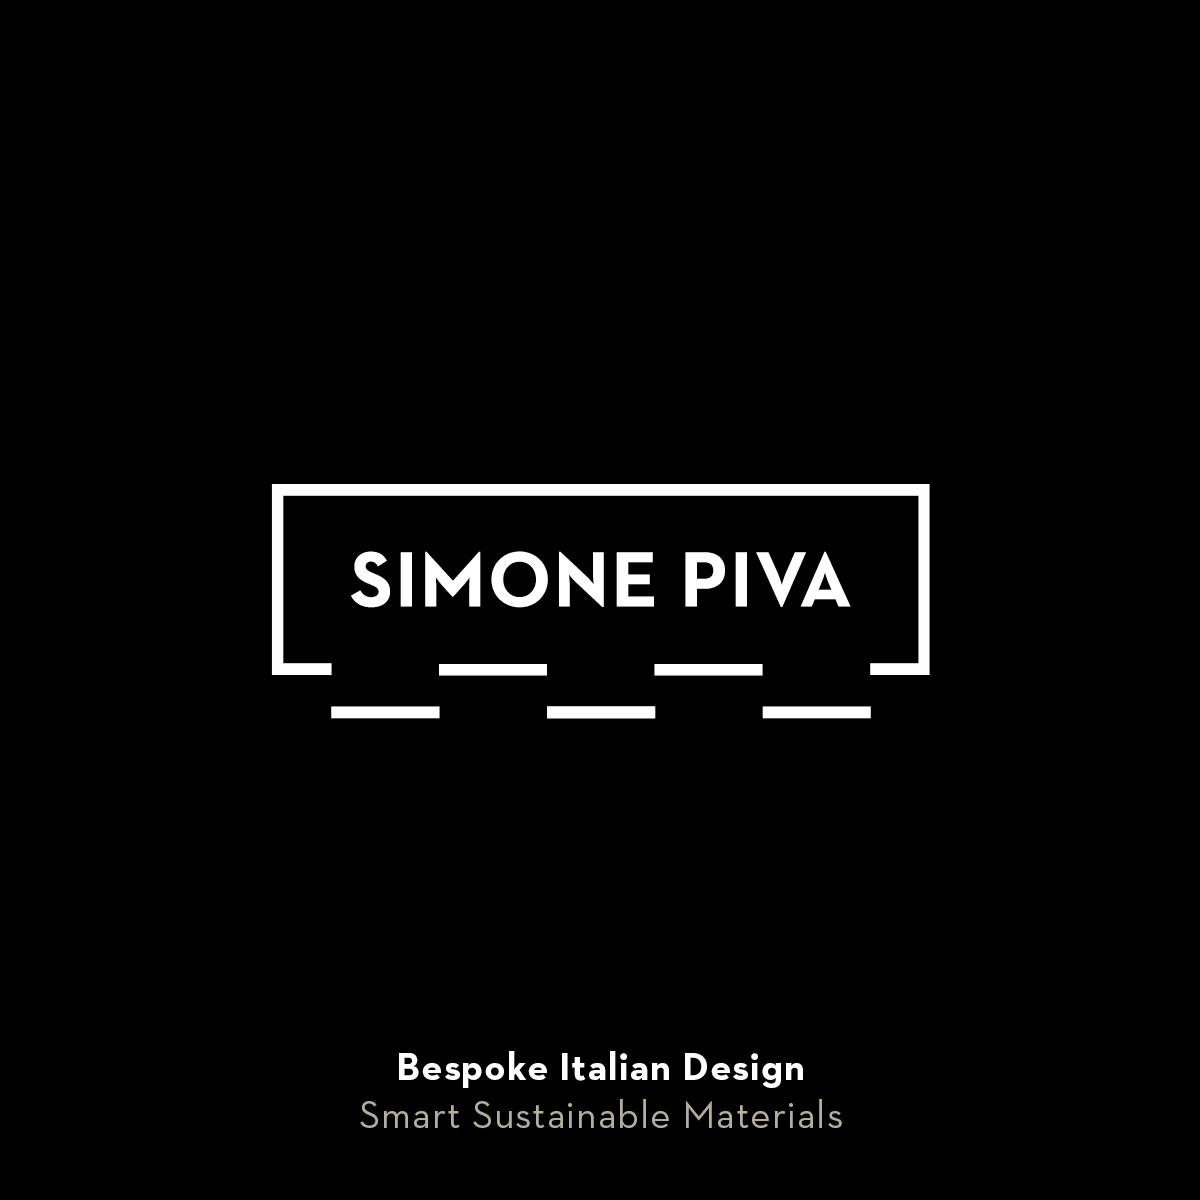 Simone-Piva-001